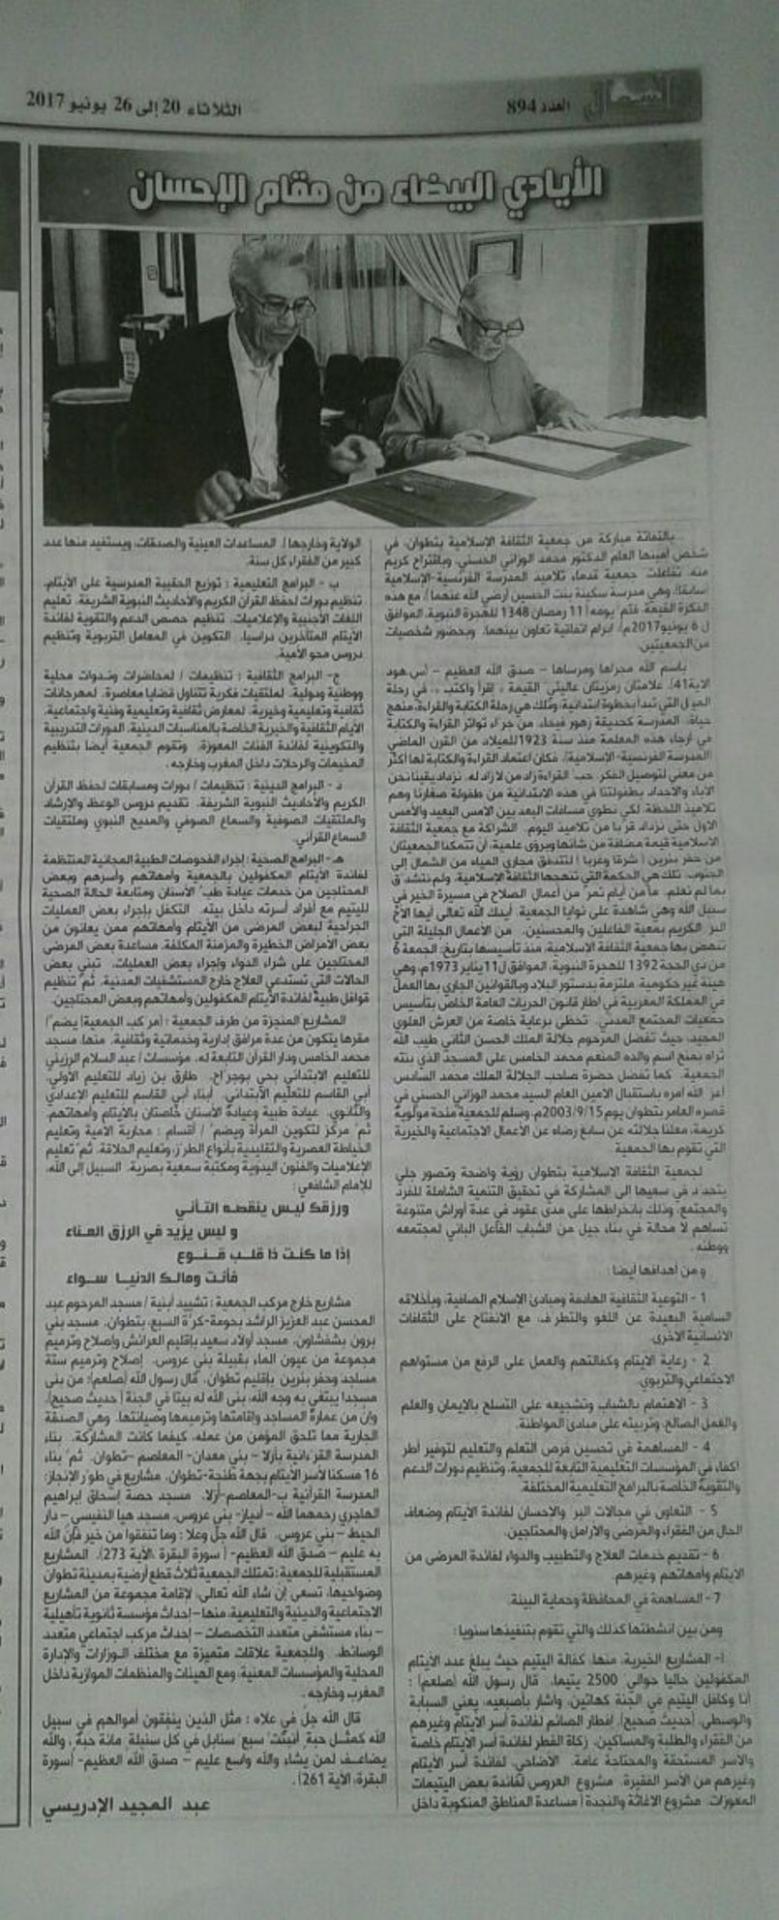 موضوع حول الجمعية الثقافية الإسلامية بتطوان على جريدة الشمال